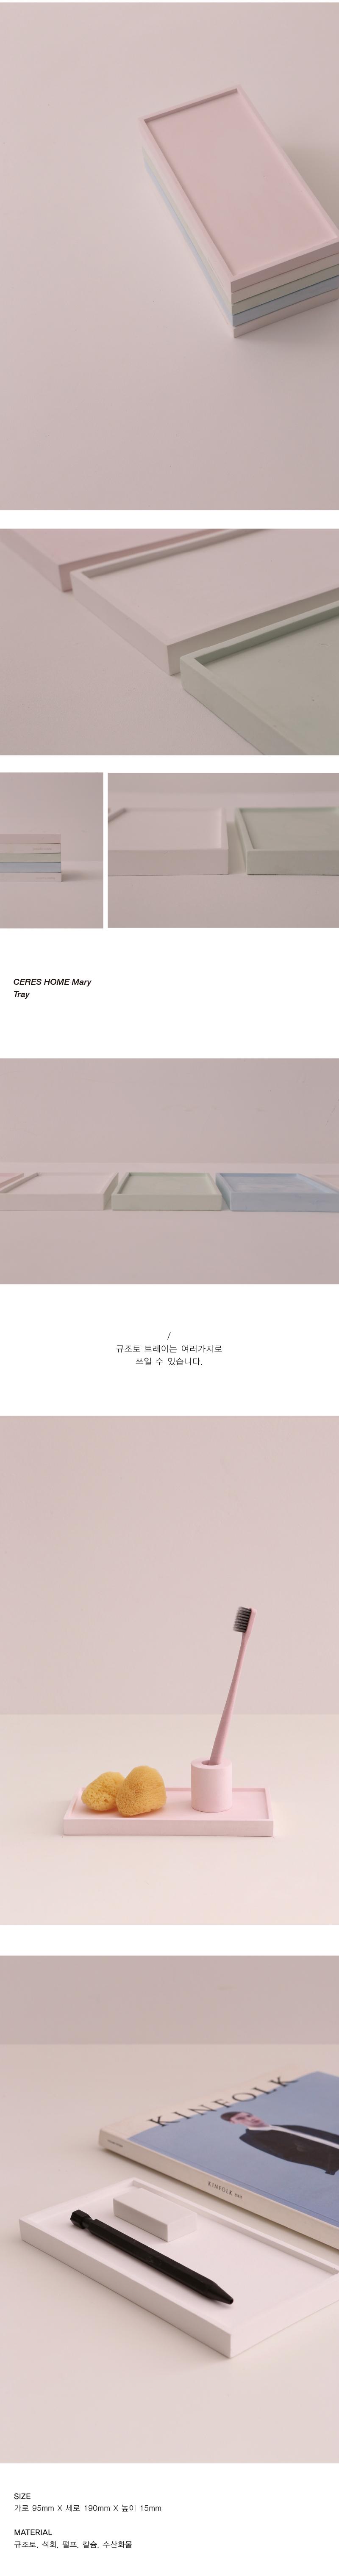 규조토 트레이 5colors - 세레스홈, 17,800원, 소품, 욕실소품